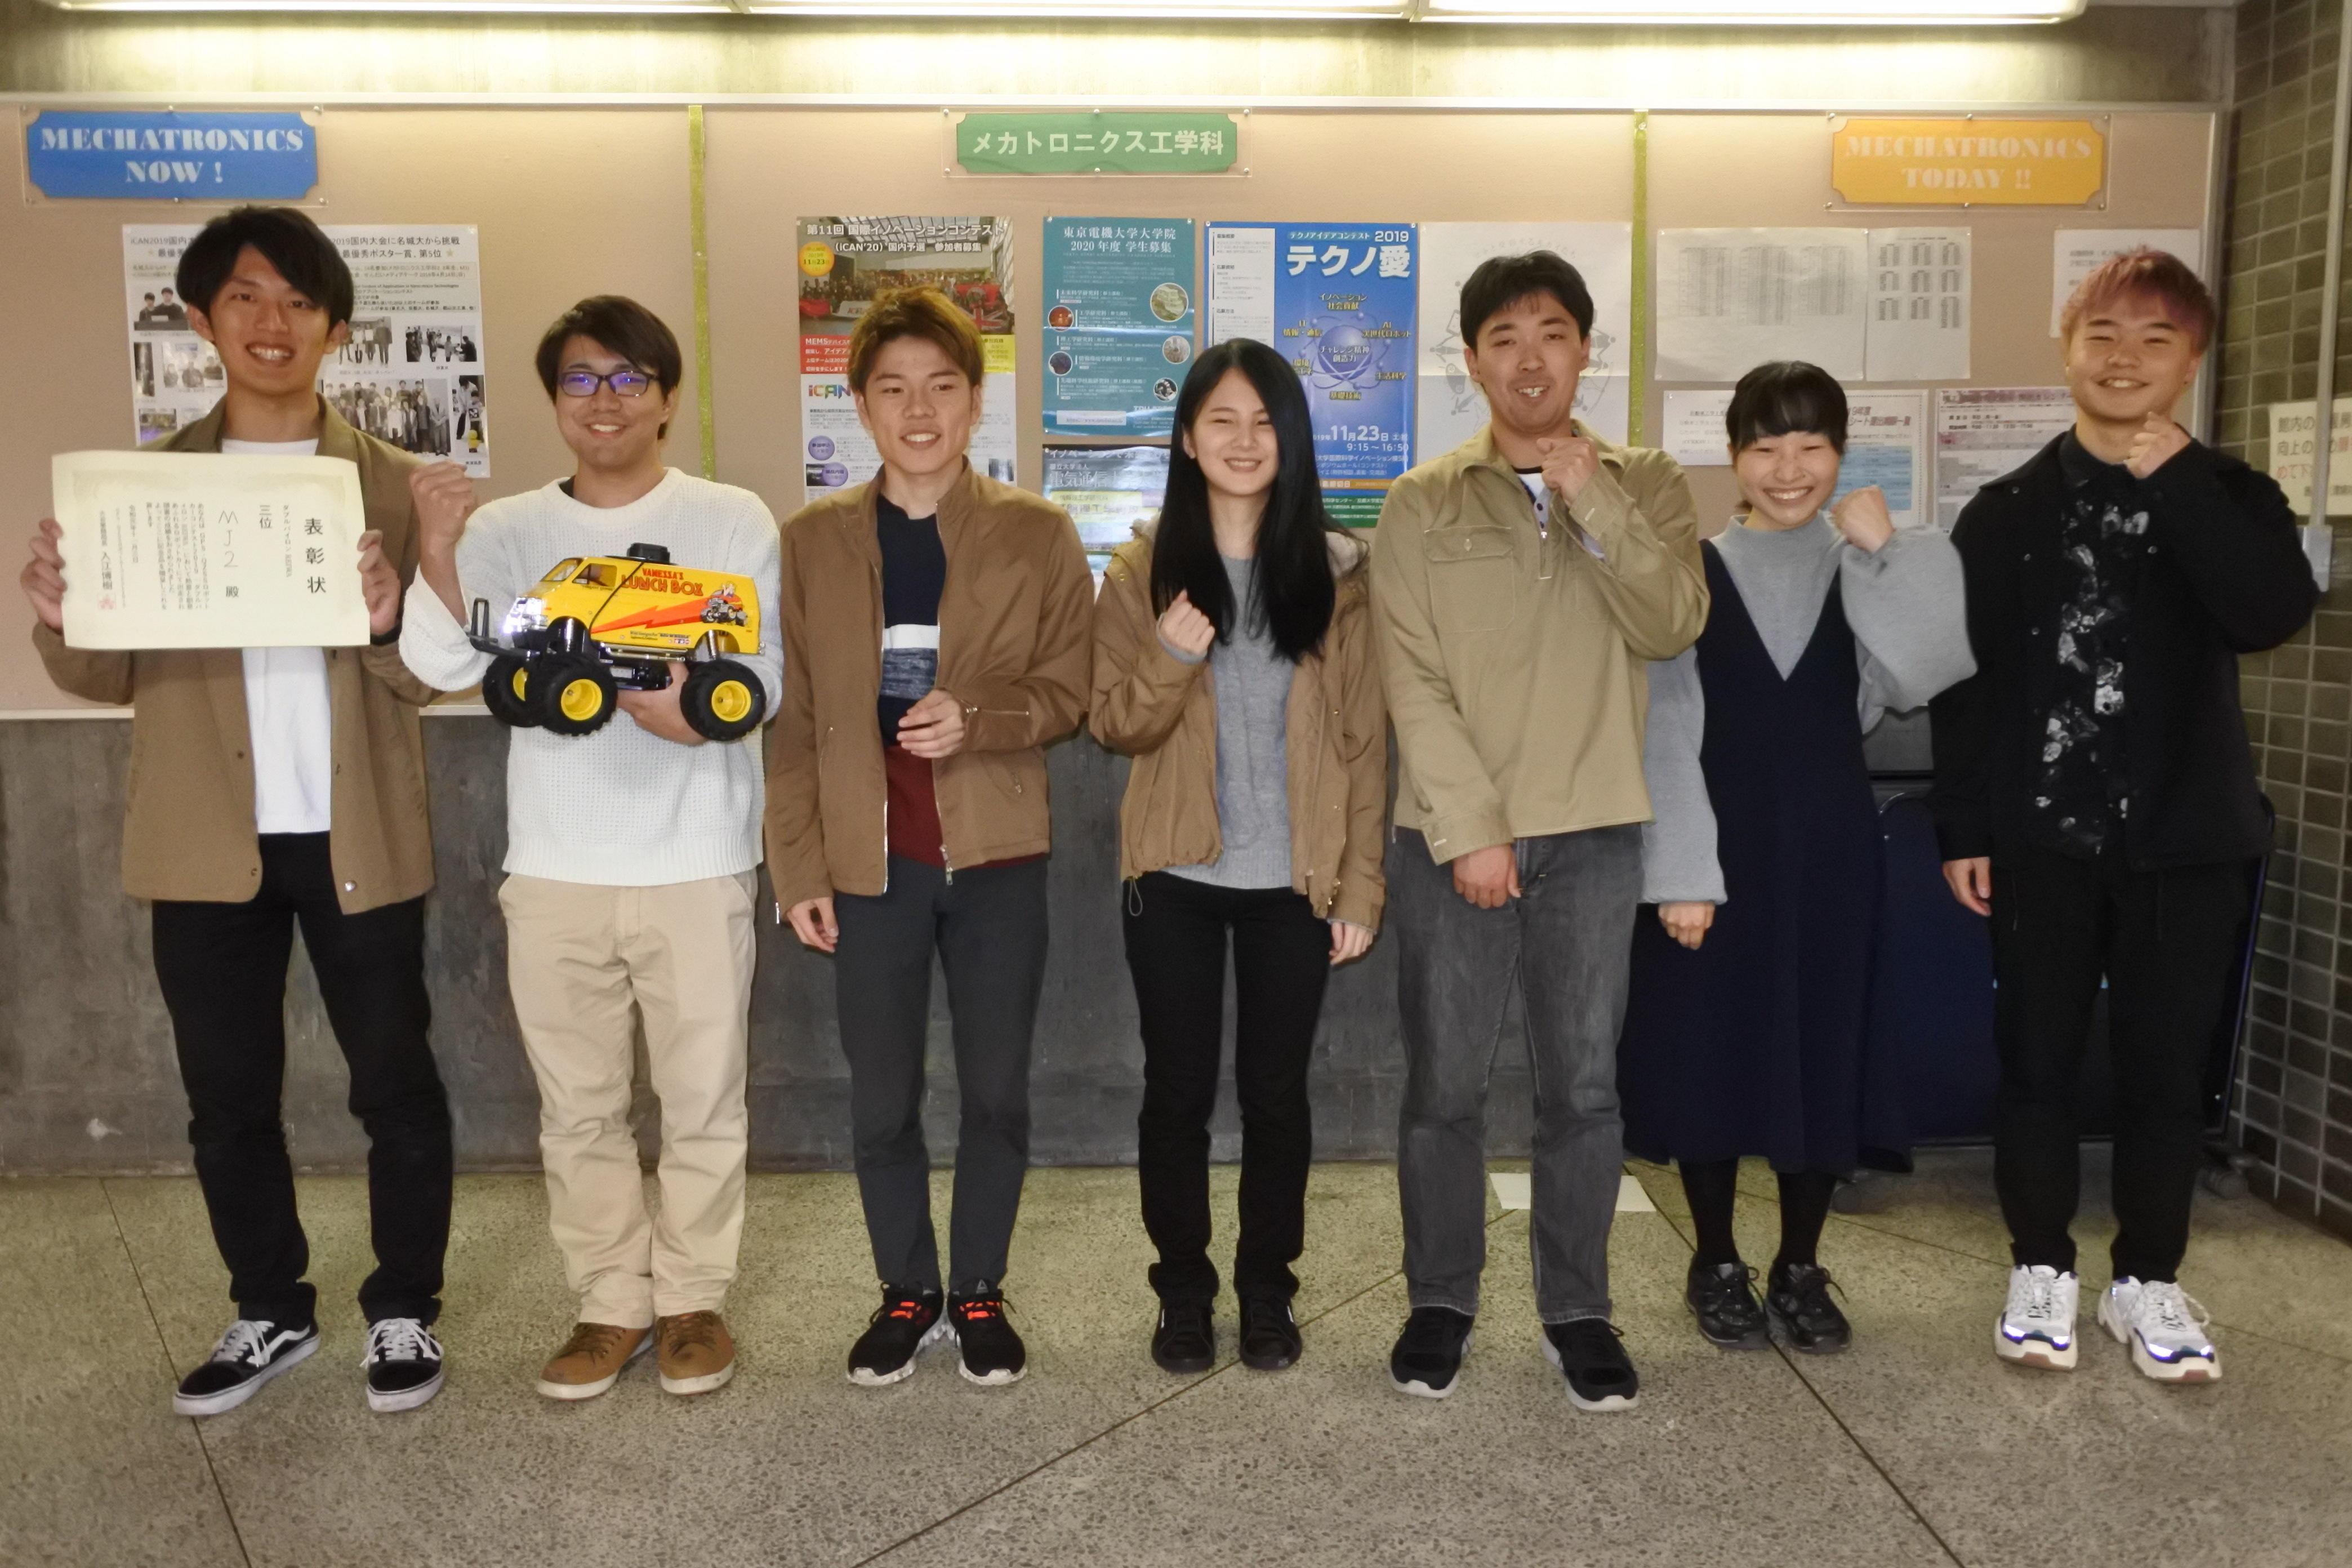 (左から)渥美さん、武村さん、青木さん、大竹さん、杉山さん、野呂さん、棗田さん